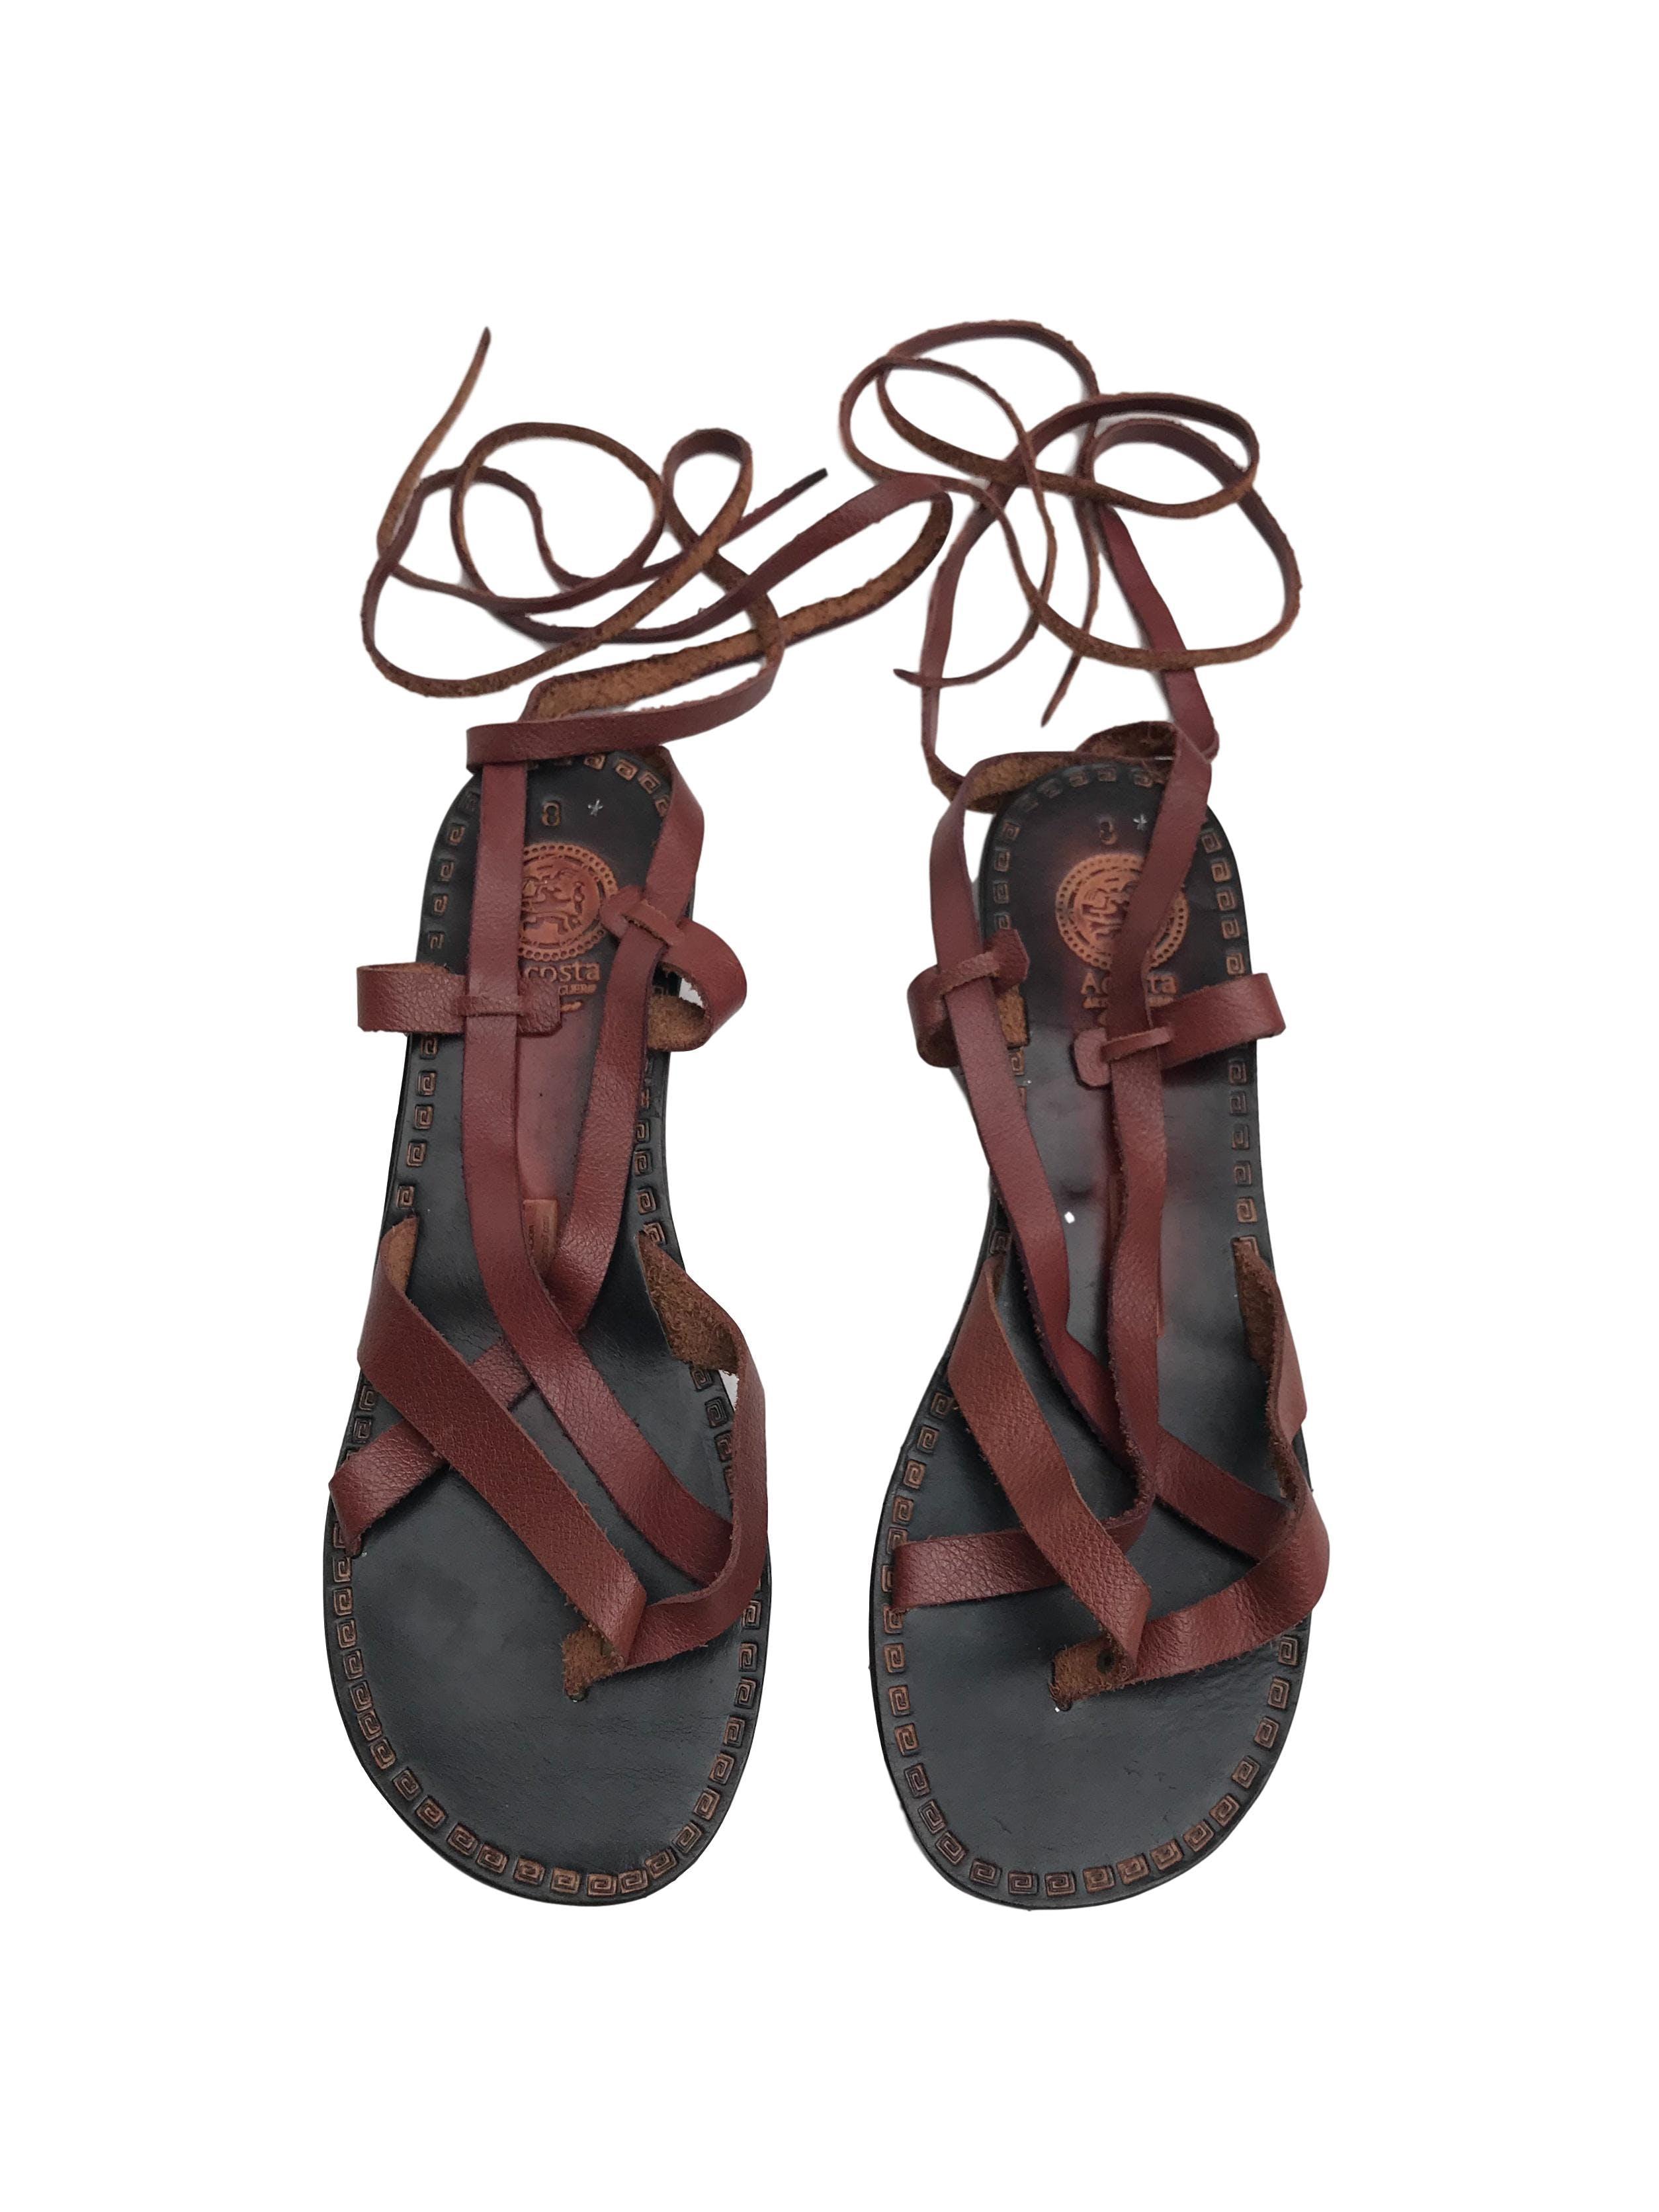 Sandalias gladiadoras de cuero, taco 2.5cm. Nuevas nunca usadas.